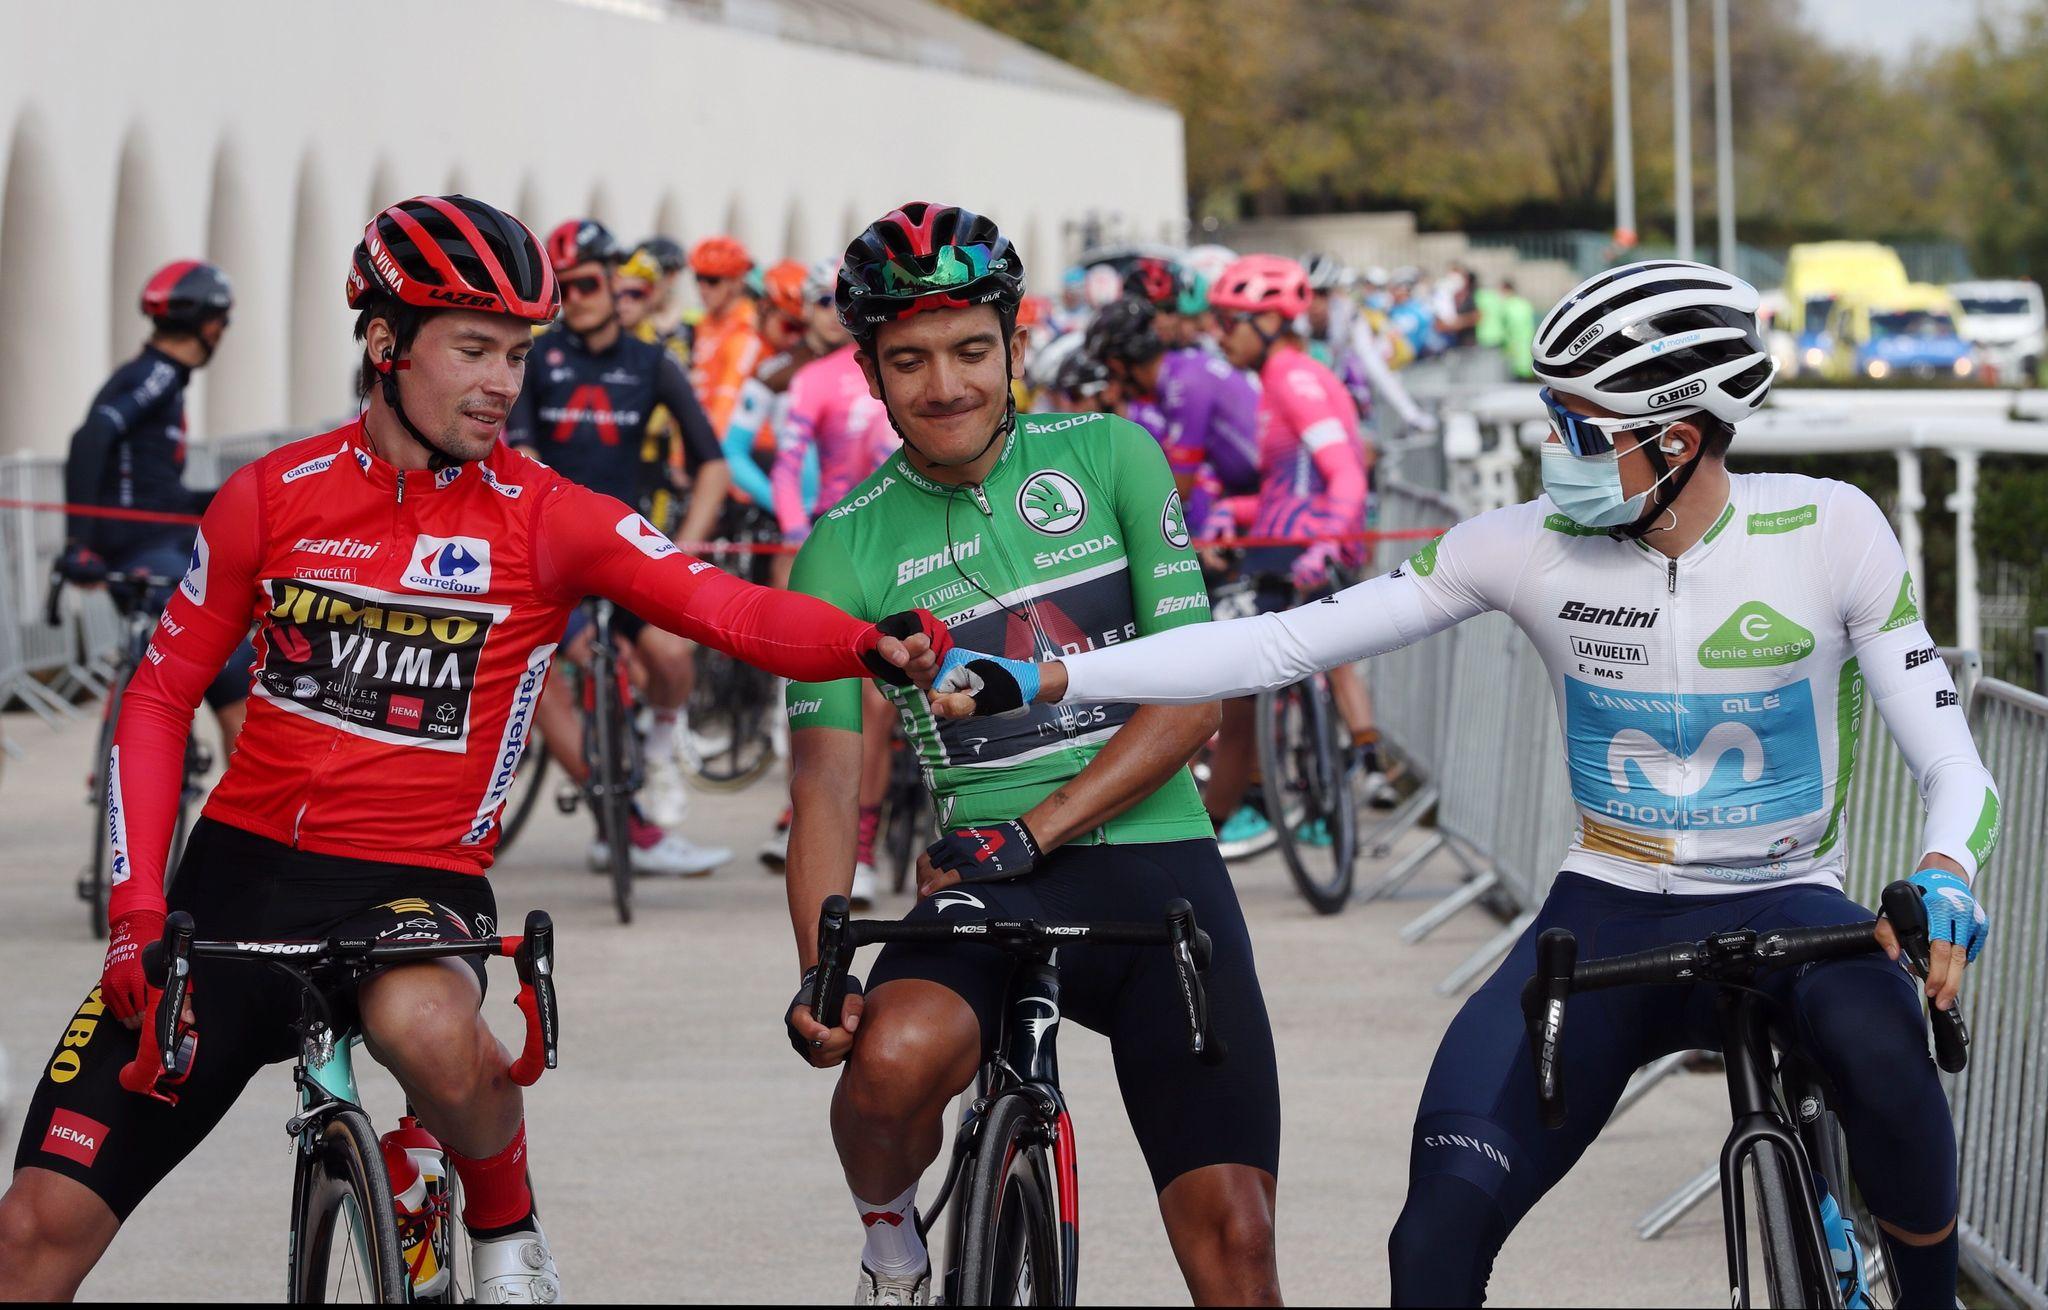 MADRID, 08/11/2020.- El esloveno Primoz Roglic (Jumbo Visma) y el ecuatoriano Richard lt;HIT gt;Carapaz lt;/HIT gt; (Ineos), primero y segundo clasificados, respectivamente, y el quinto, y primer español, para Enric Mas (Movistar), antes de la salida de la última etapa de la 75 Vuelta a España, Hipódromo de la Zarzuela-Madrid, sobre un recorrido de 124,2 km. EFE/ Kiko Huesca